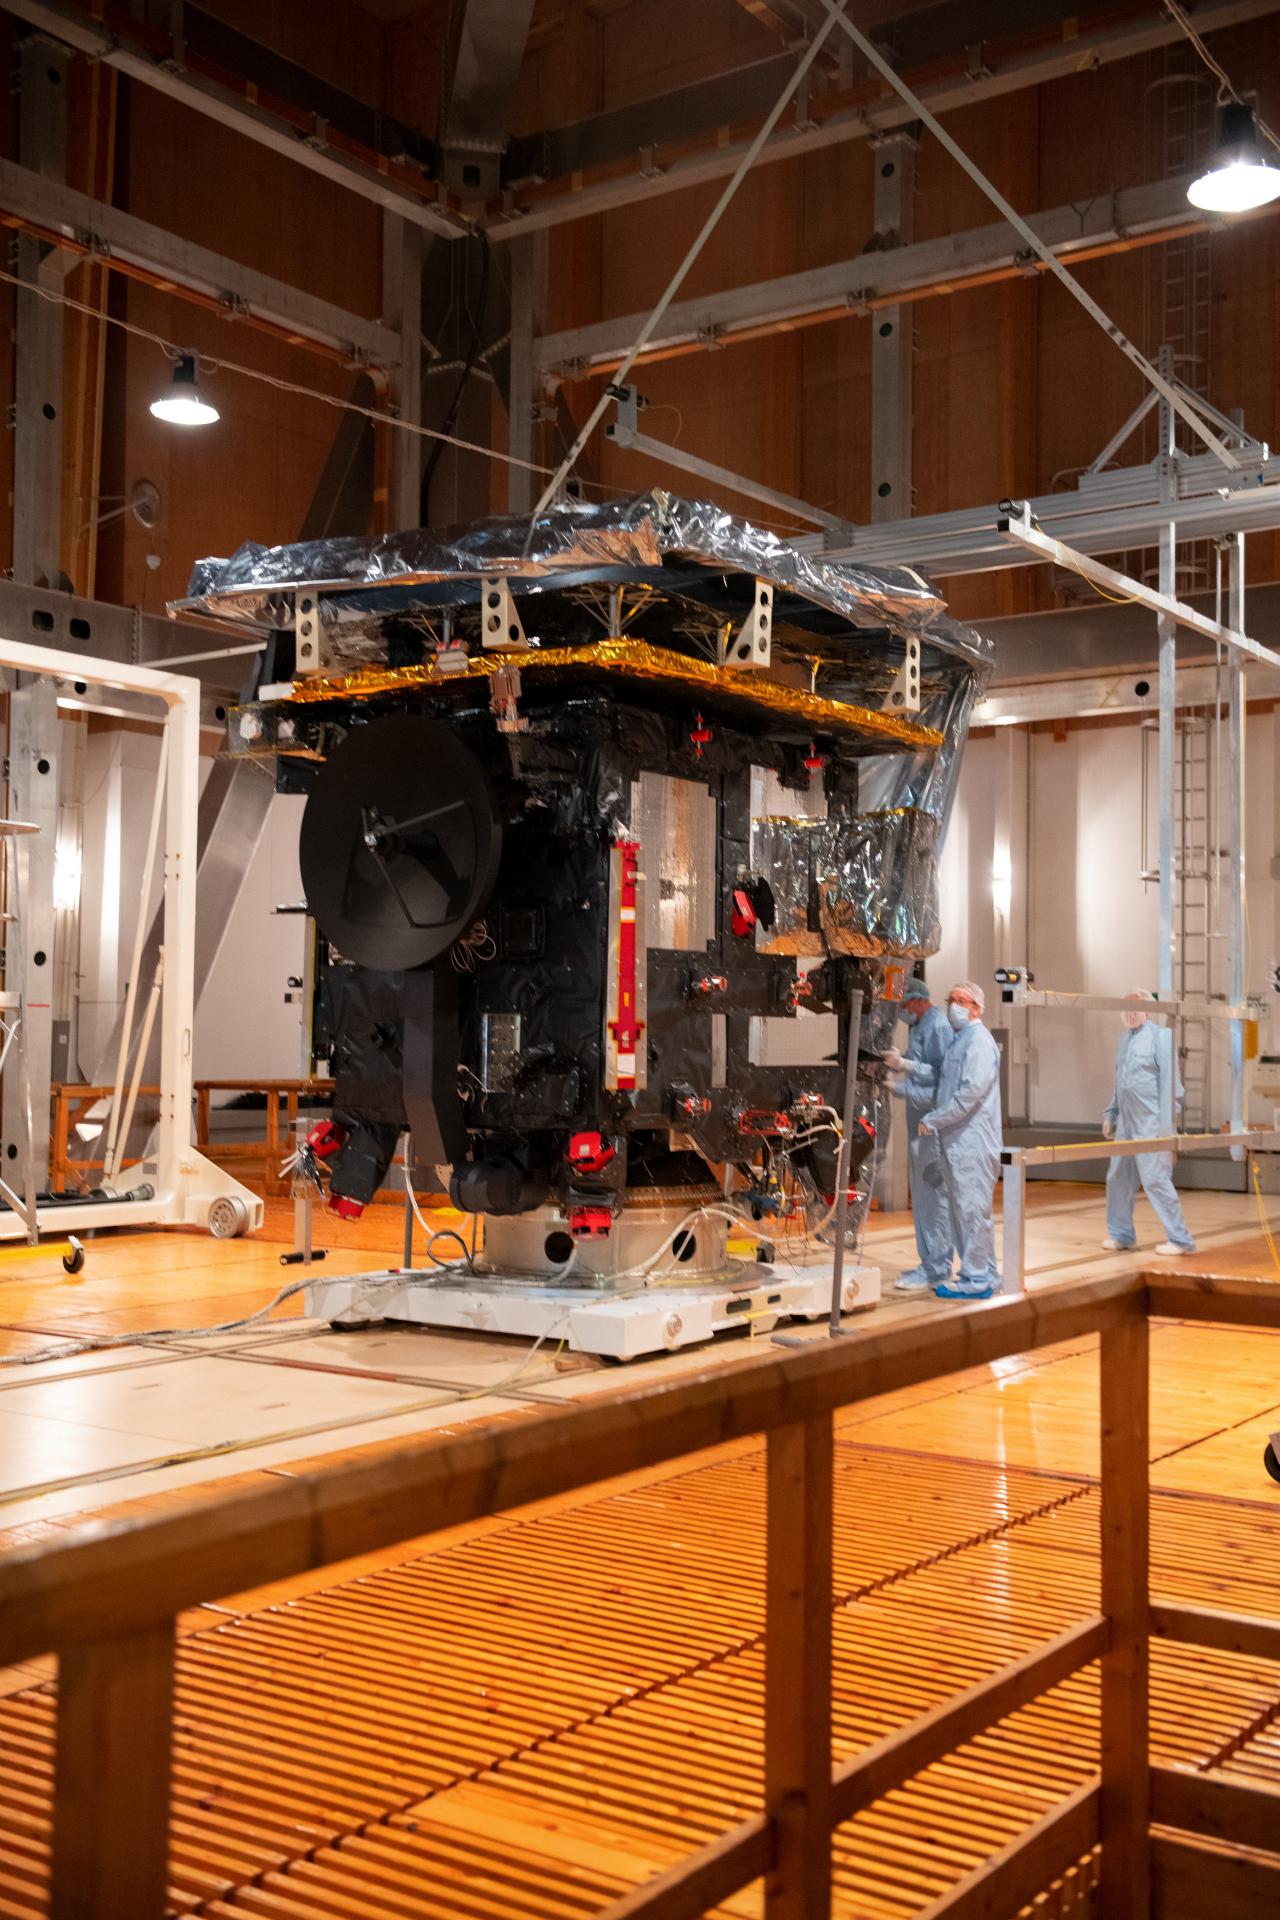 ESA_Solar_Orbiter_IABG_MFSA_41136_A4_1280.jpg